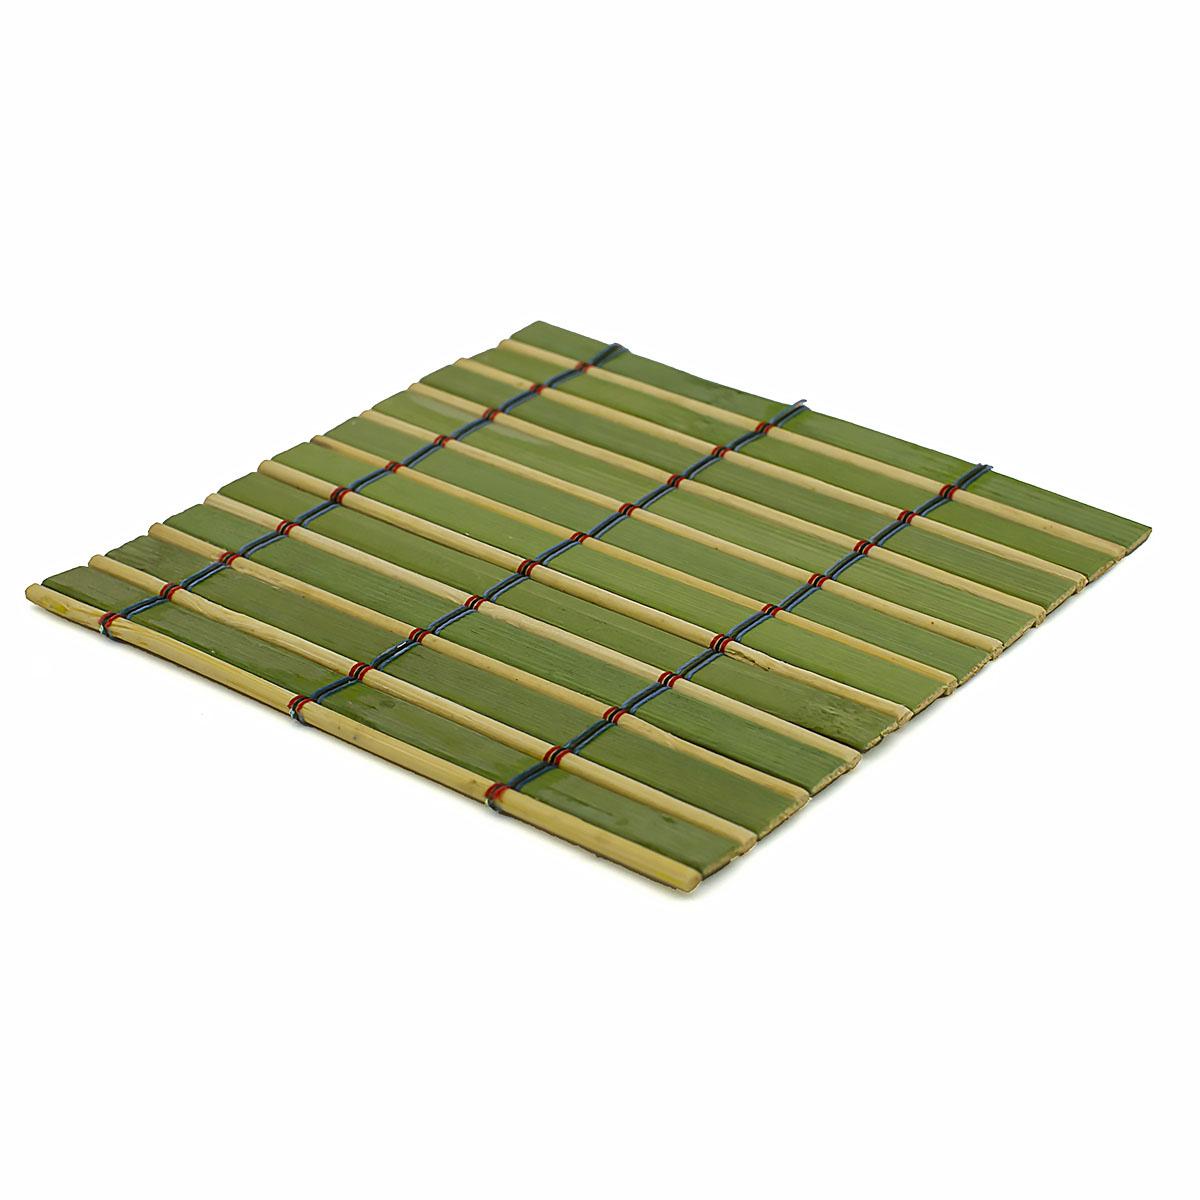 Набор чайных циновок (бамбук), салатовые, 10 х 10 см, 5 шт/упак набор чайных циновок бамбук красные двухцветные 10 х 10 см 5 шт упак